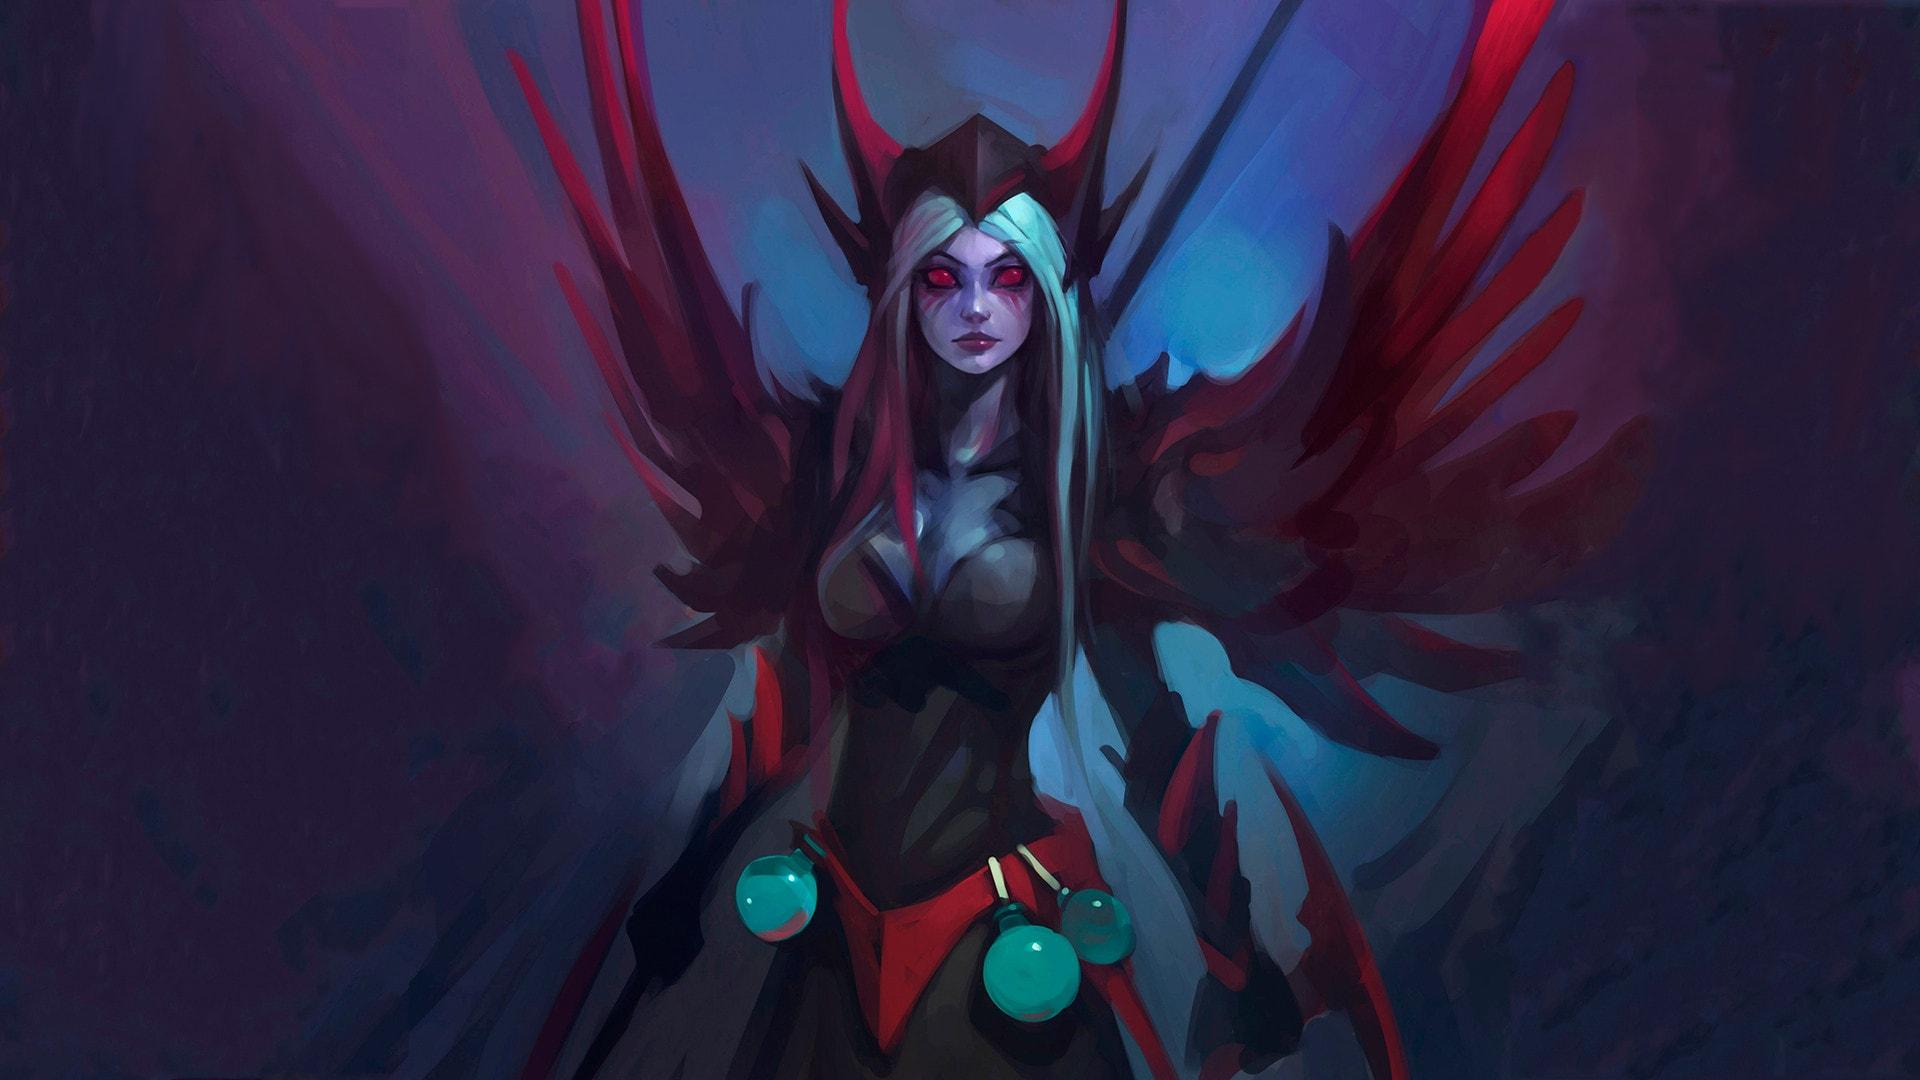 Dota2 : Vengeful Spirit for mobile